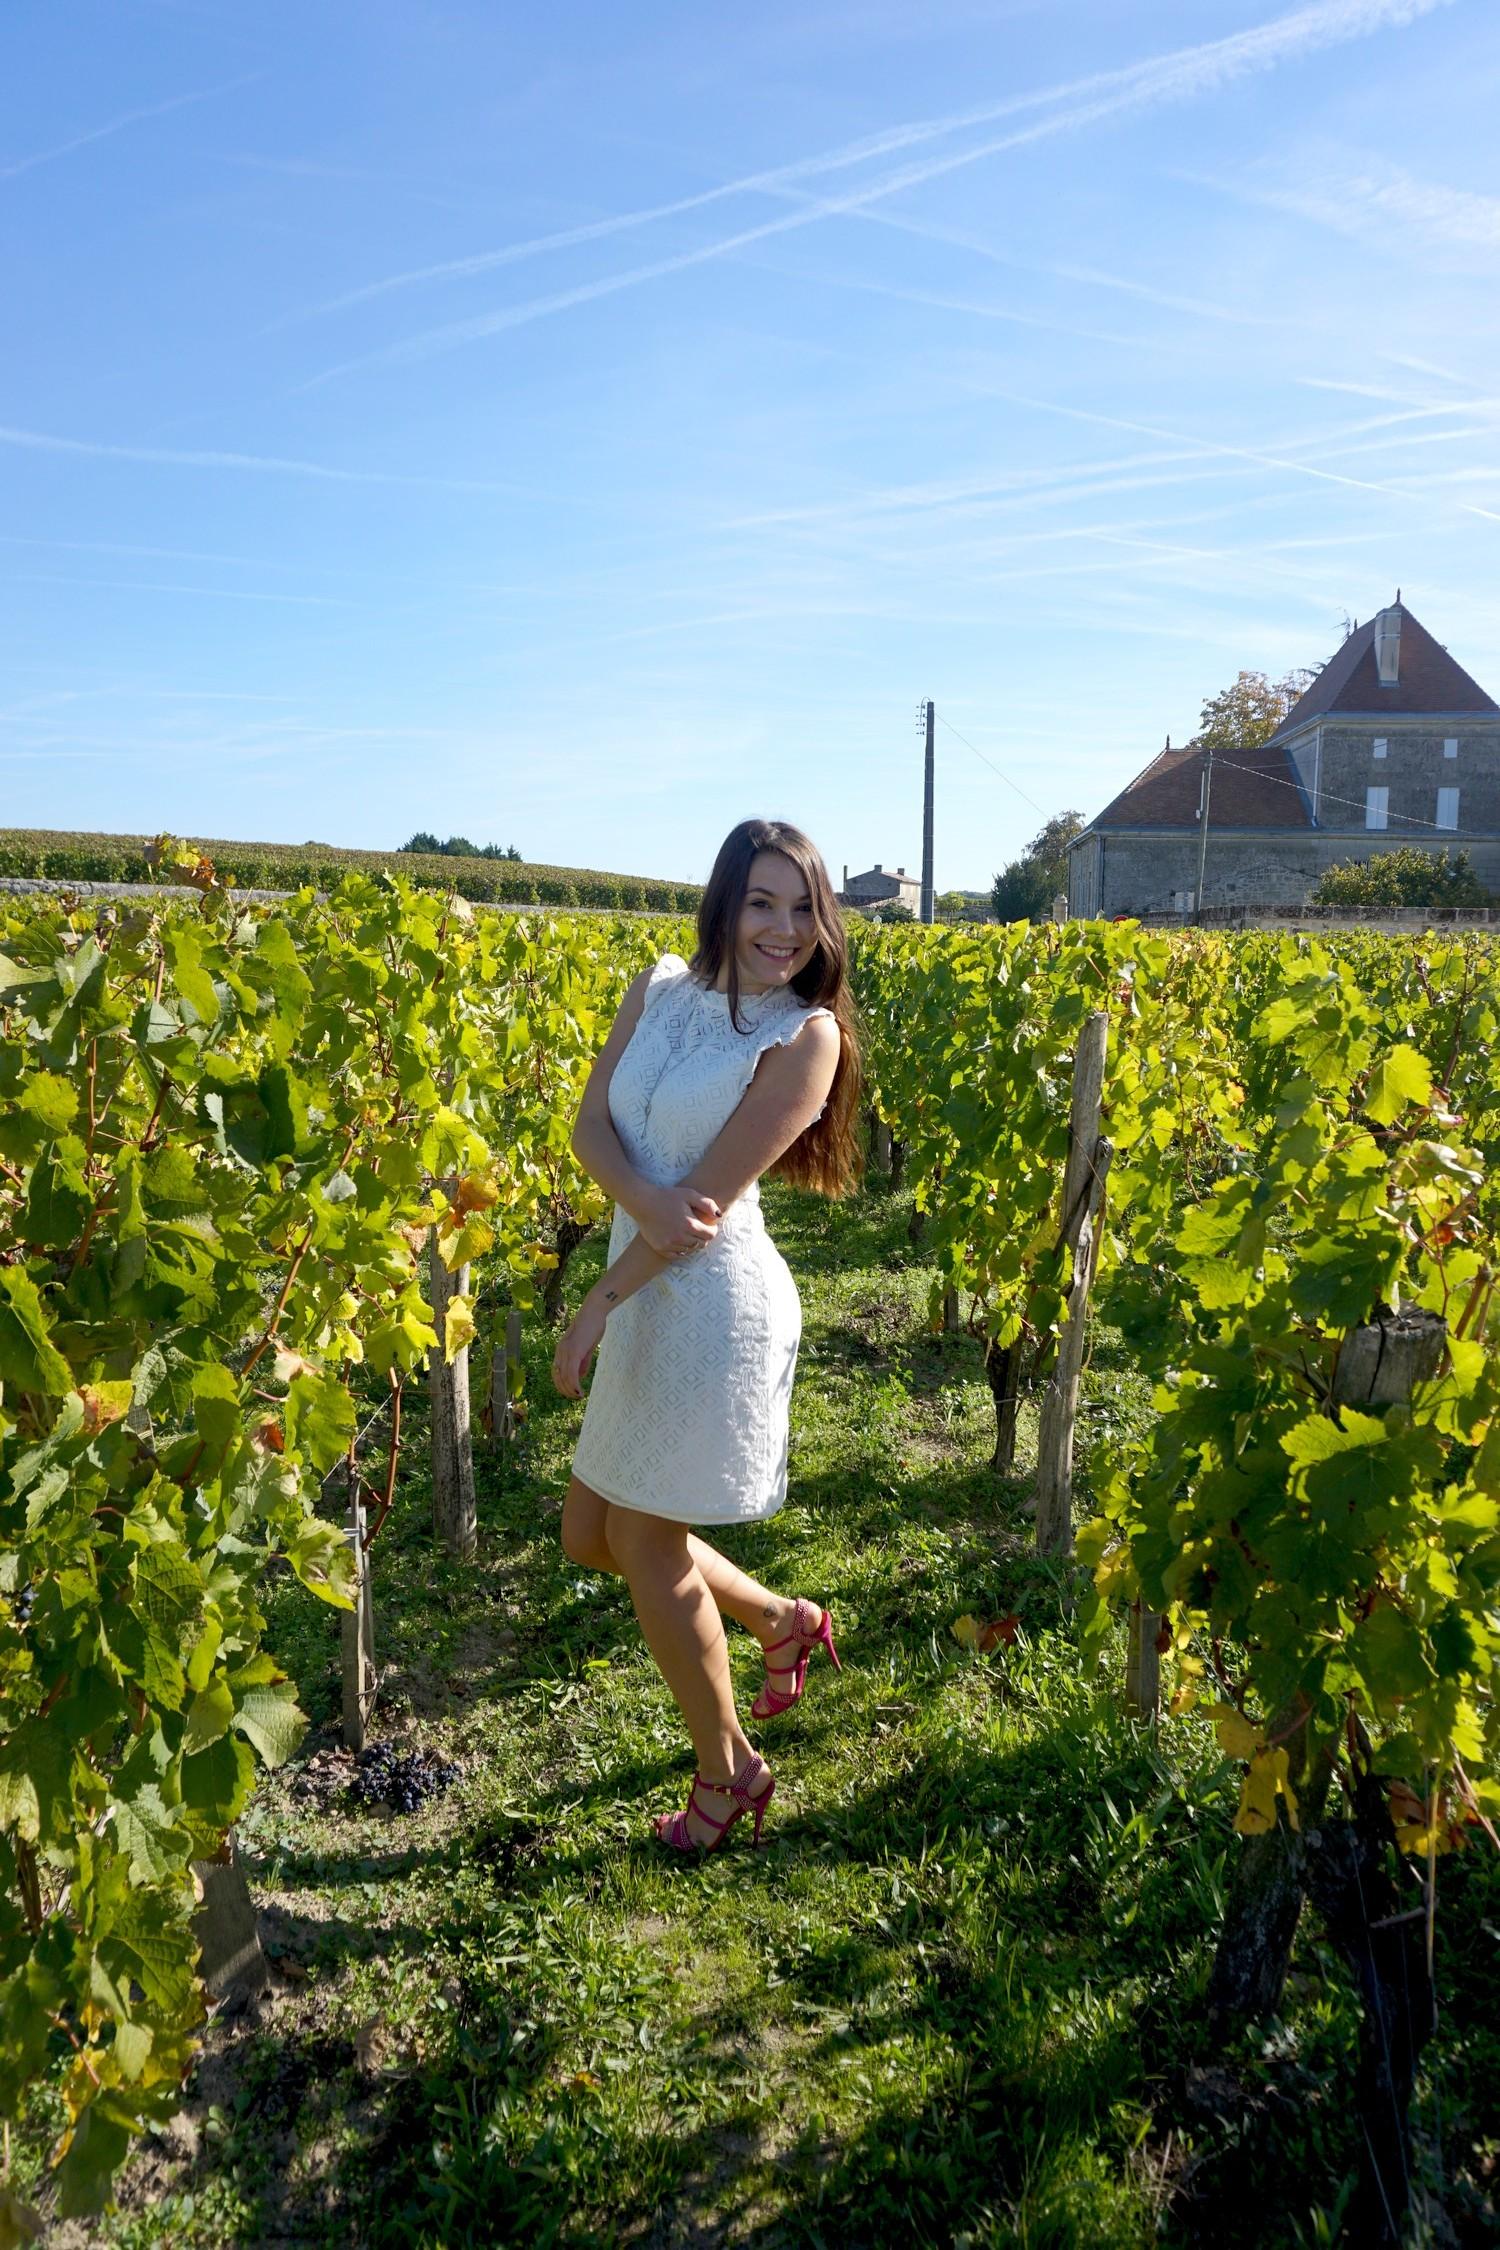 1-an-du-blog-en-couple-bordeaux-corse-blog-voyage-lifestyle-mode-look-shooting-photo-couple-vigne-27